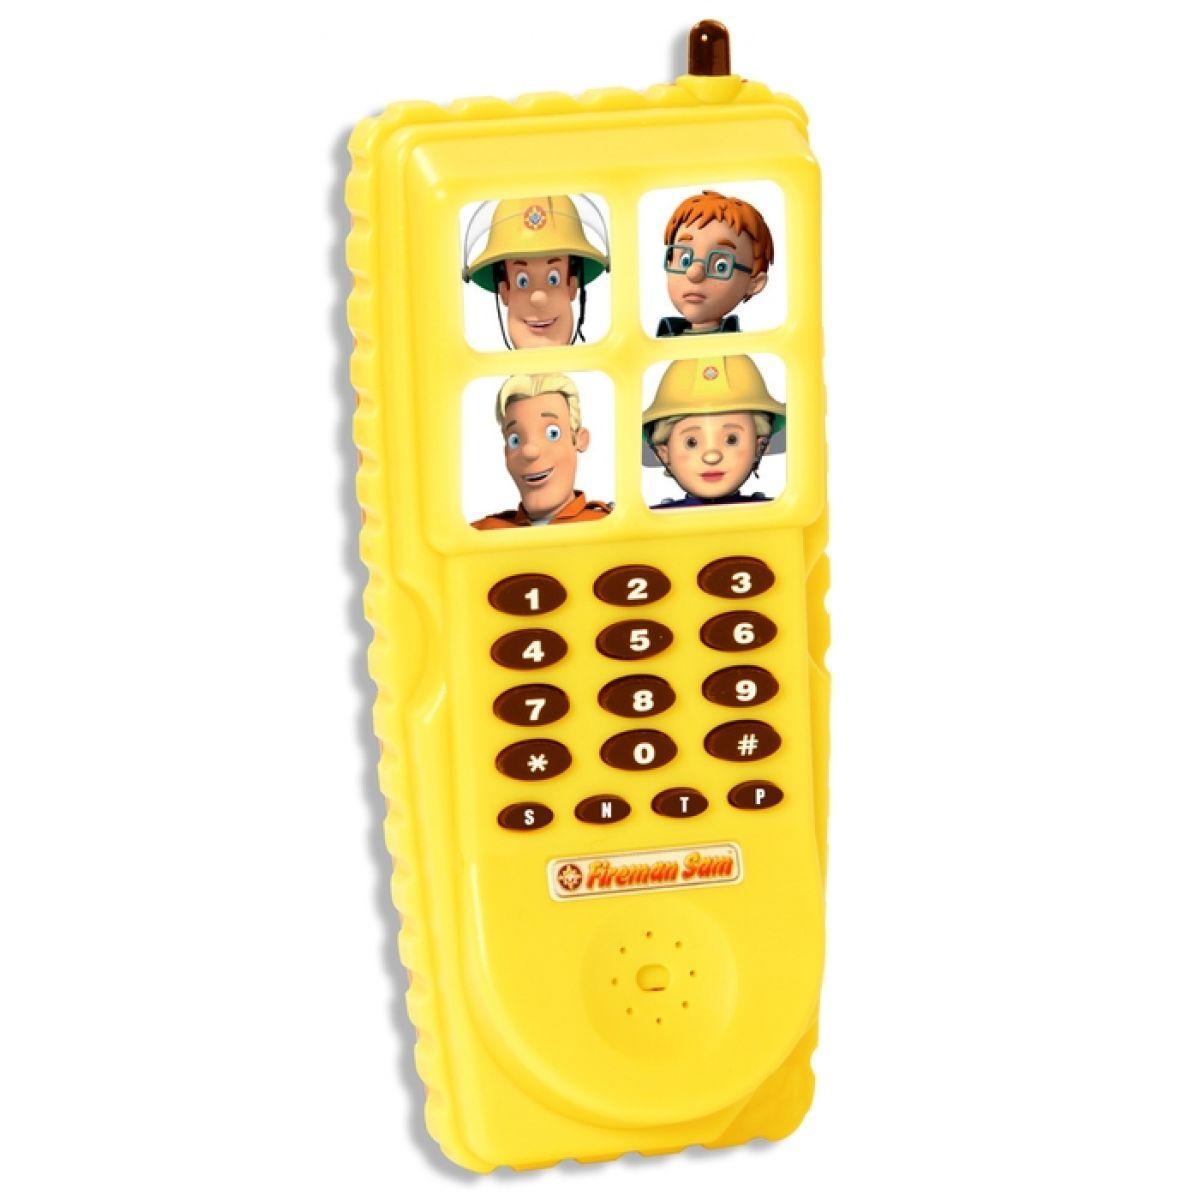 Požárník Sam Videotelefon - Poškozený obal